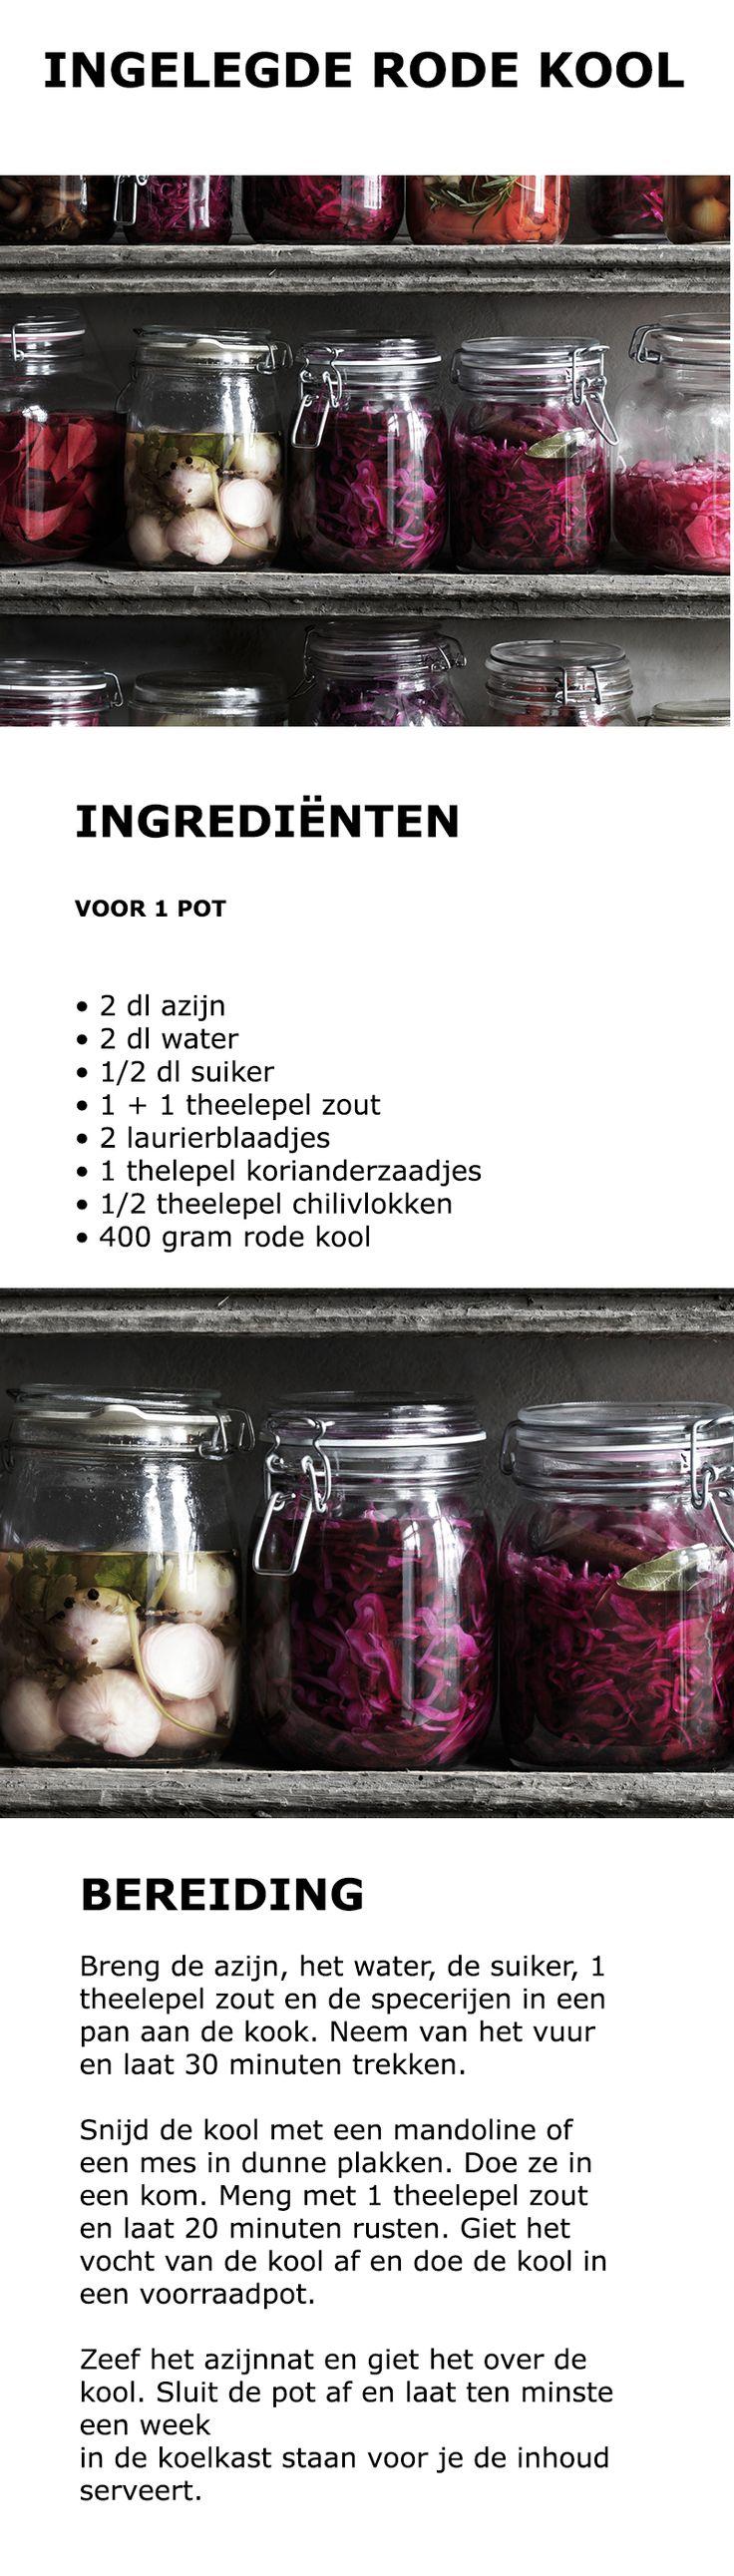 Inspiratie voor Wereld Vegetarisme Dag - Ingelegde rode kool | #inspiratie #koken #keuken #salade #groente #groenteballetjes #vega #vegetarisch #kool #rodekool